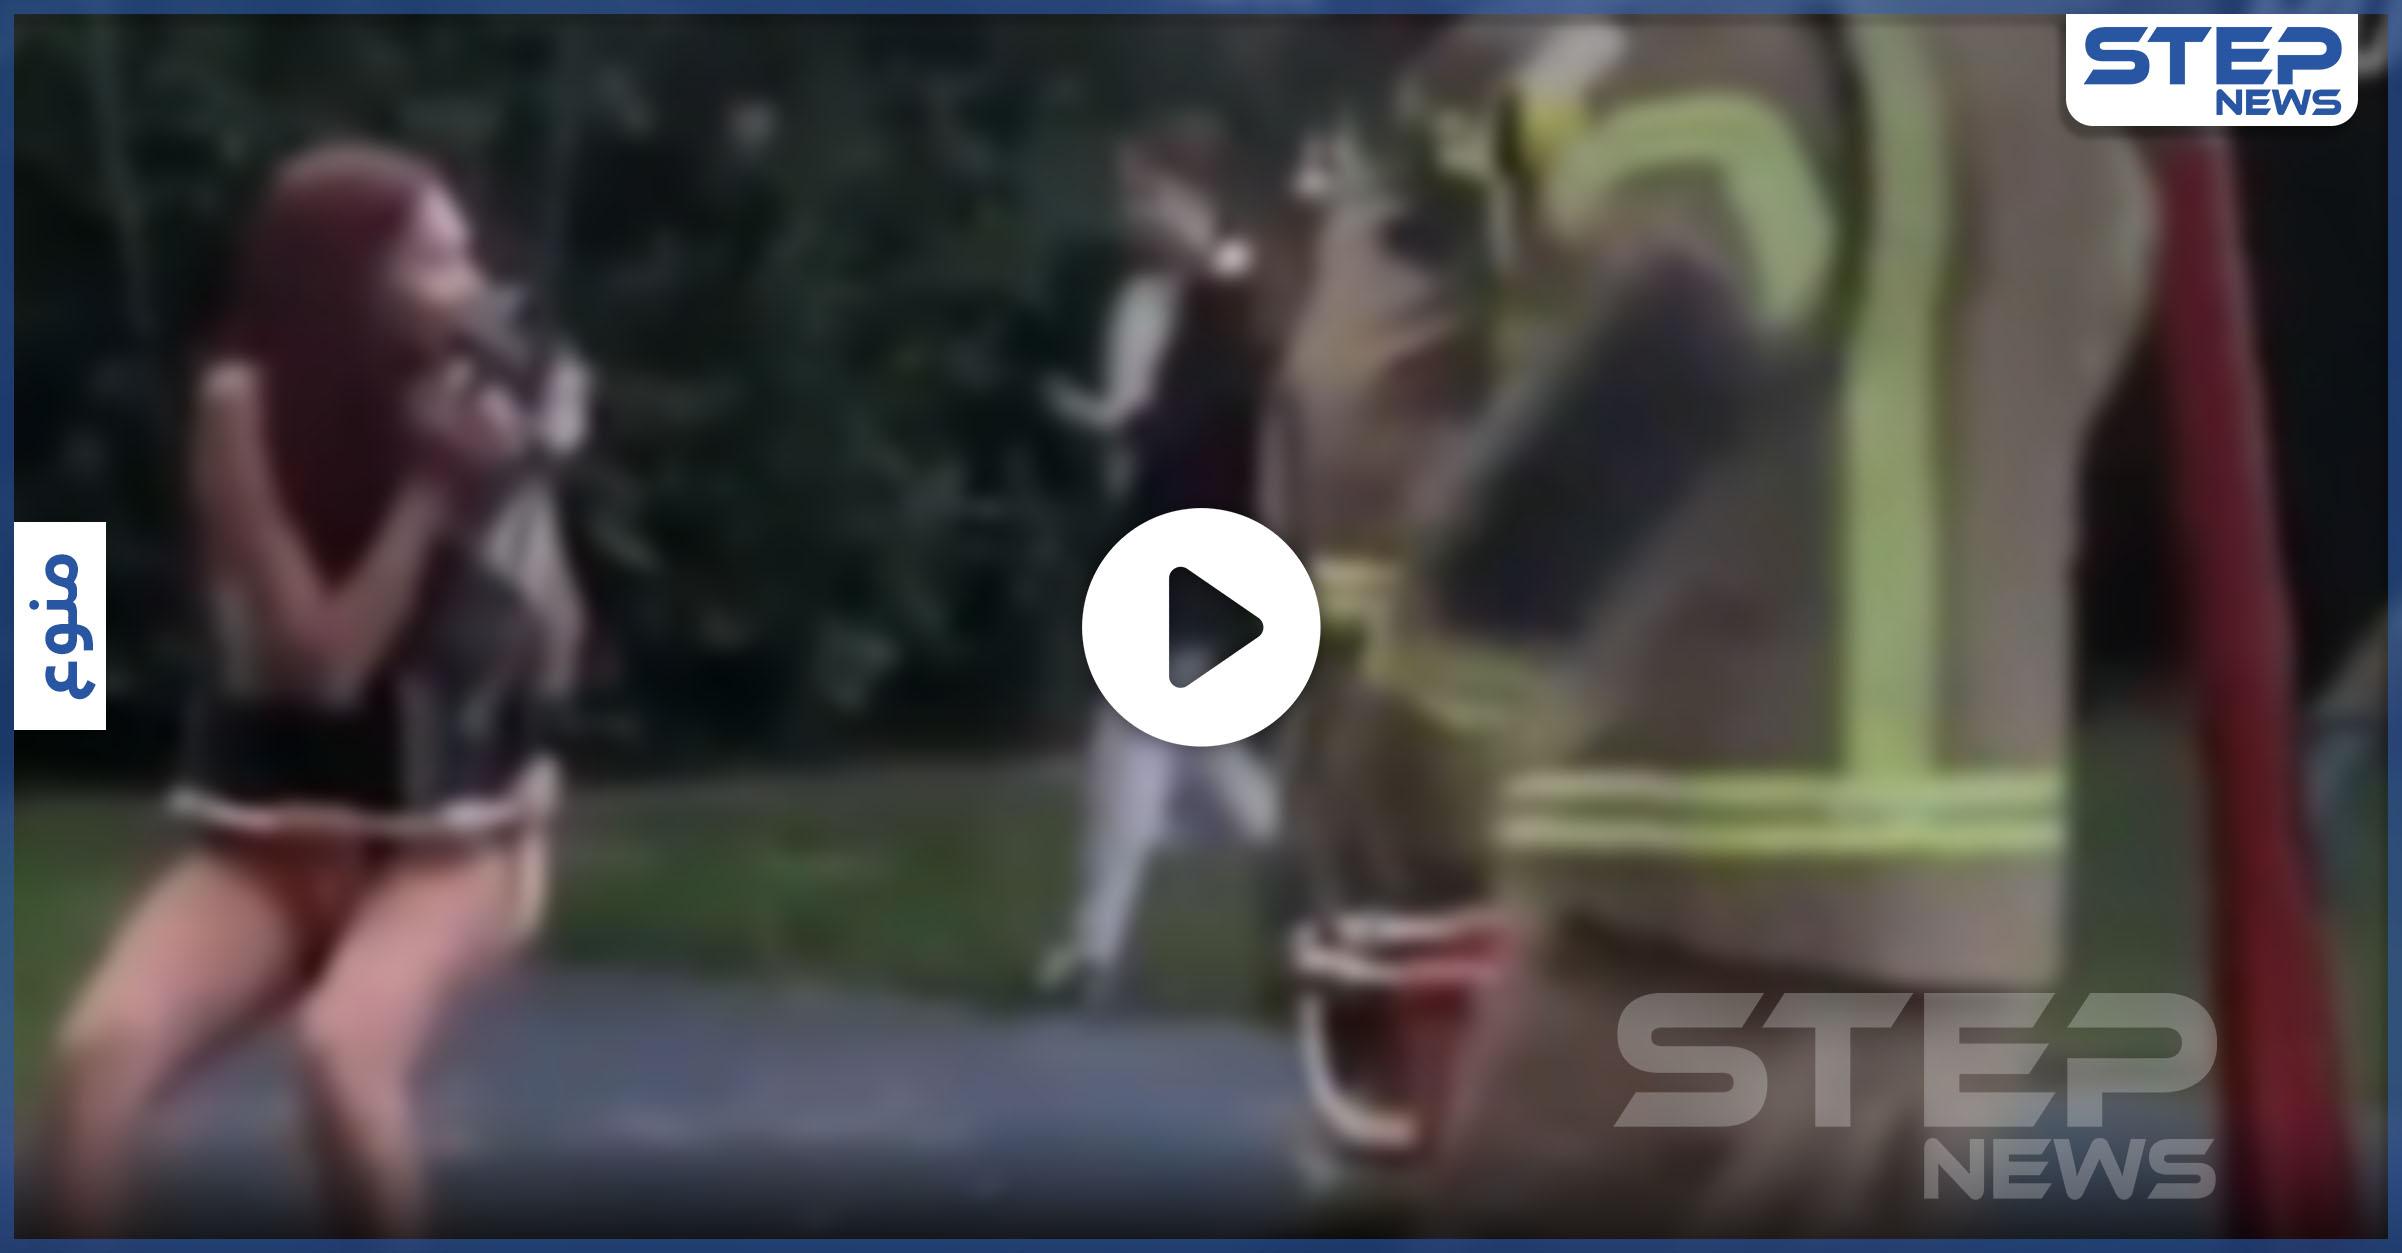 فتاة تيك توك تحرك قسم الإطفاء بعدما علقت بأرجوحة